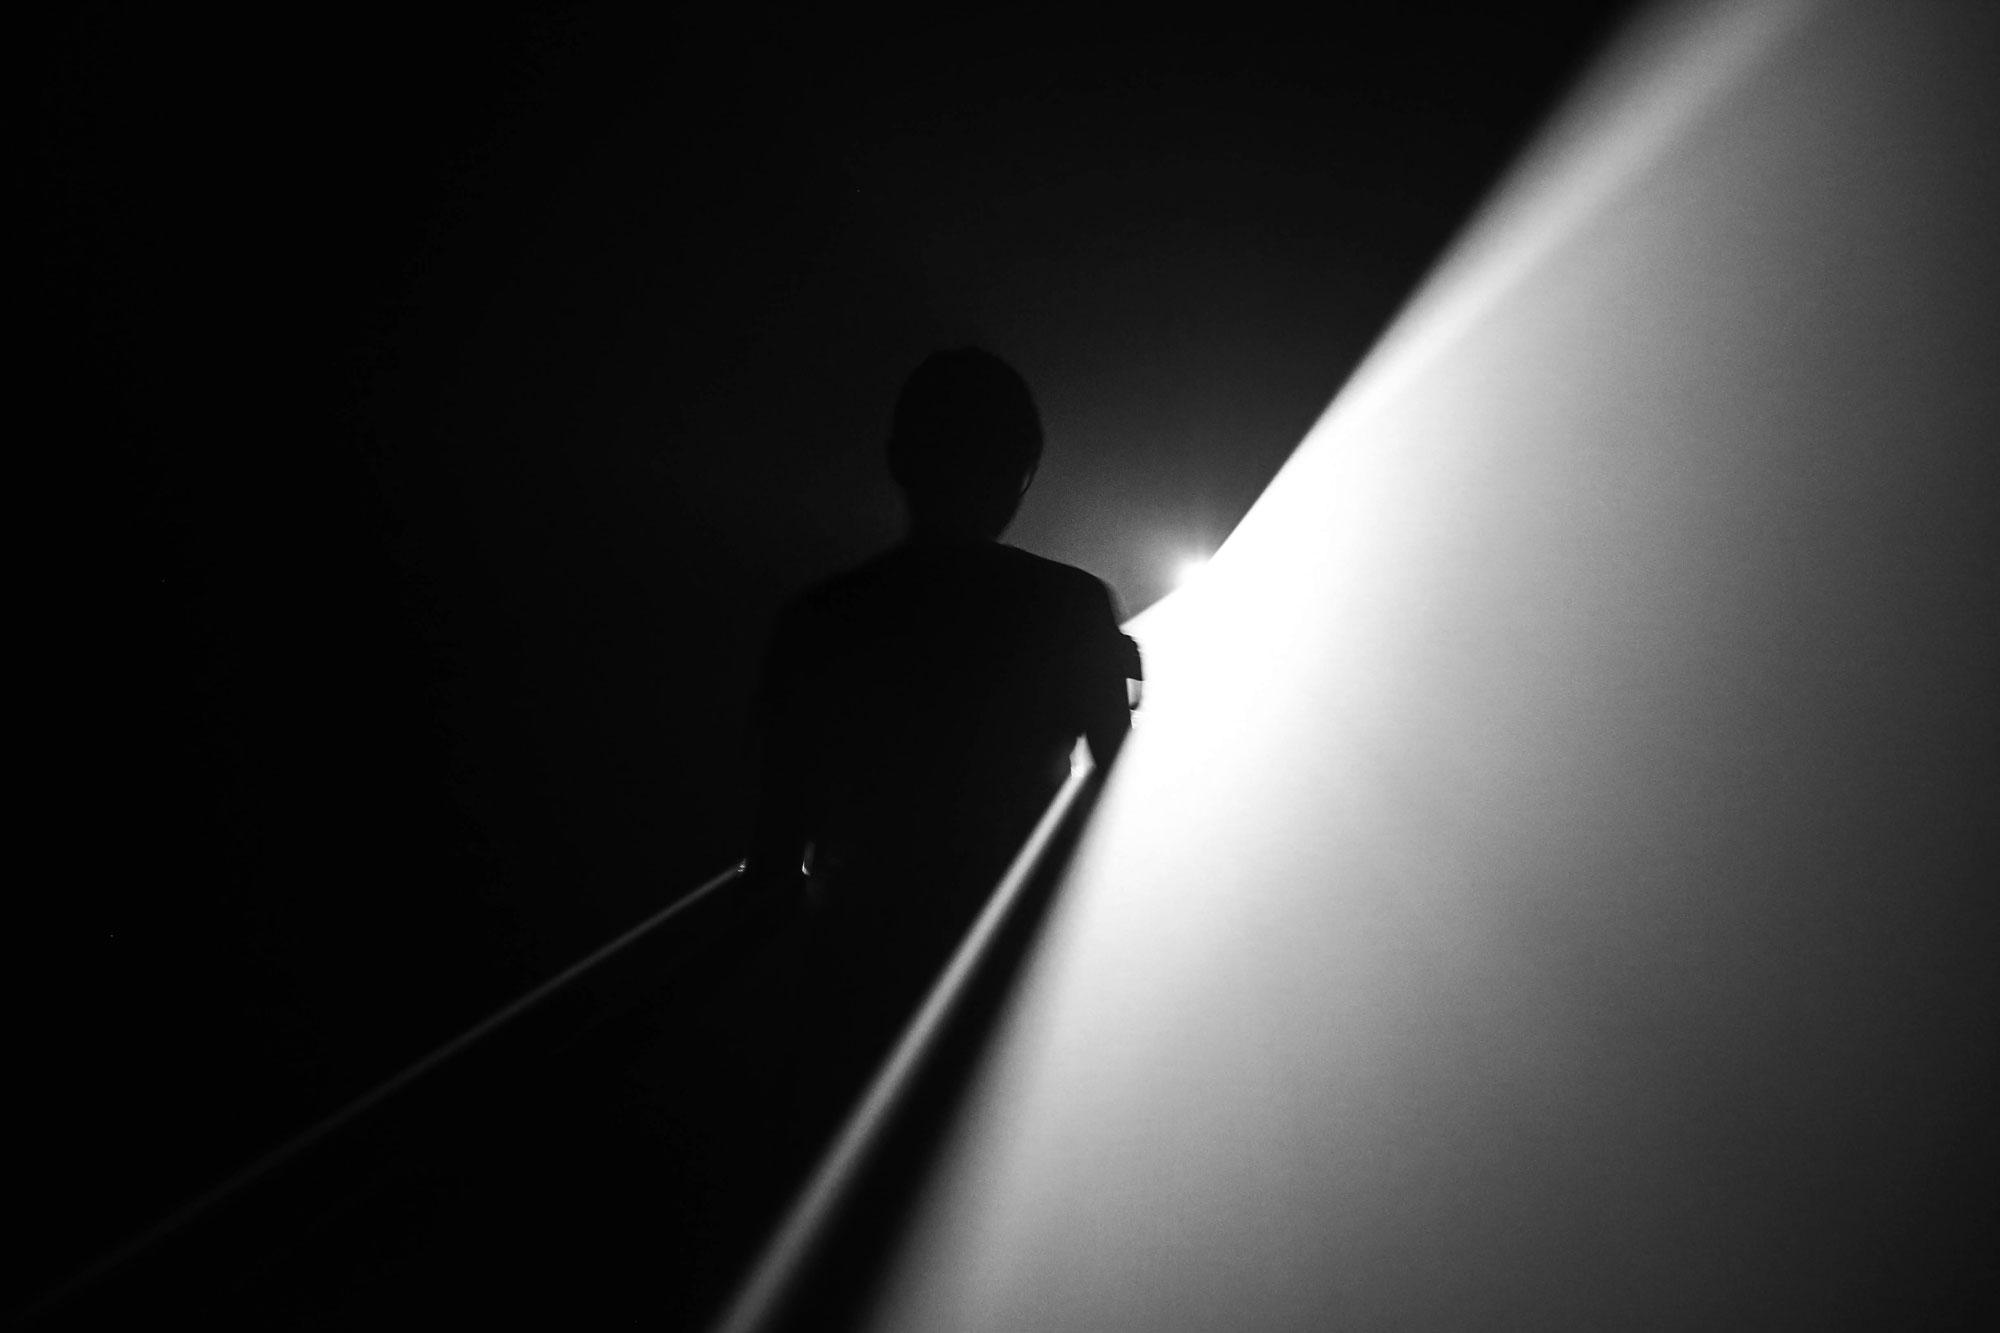 Ein schwarzer Raum, nur von einem Lichtkegel durchbrochen, der den Schatten einer Person sichtbar werden lässt